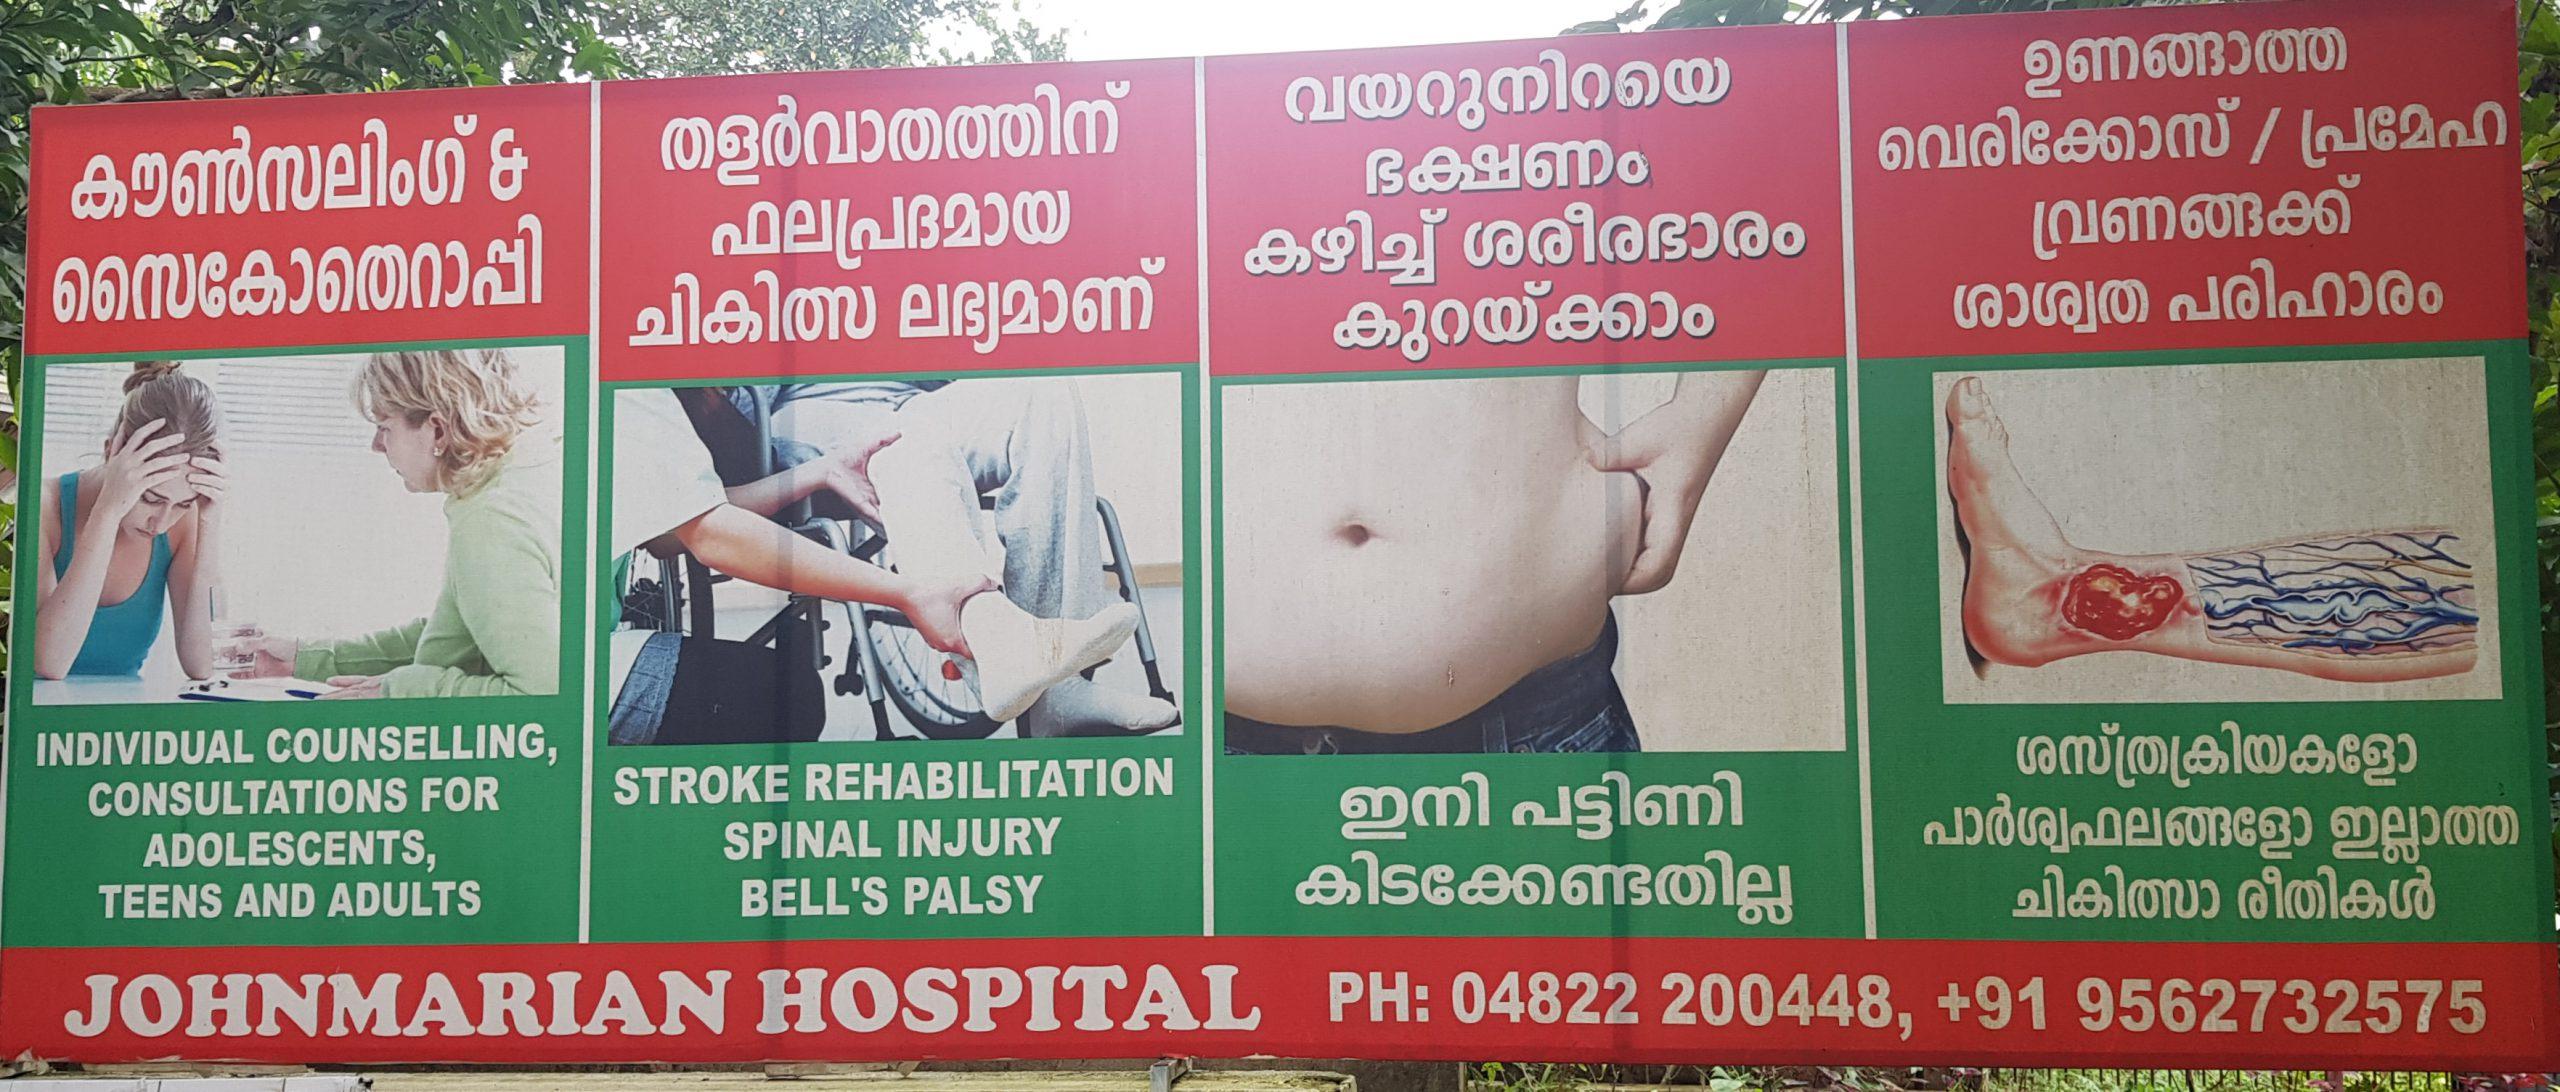 Johnmarian Hospital